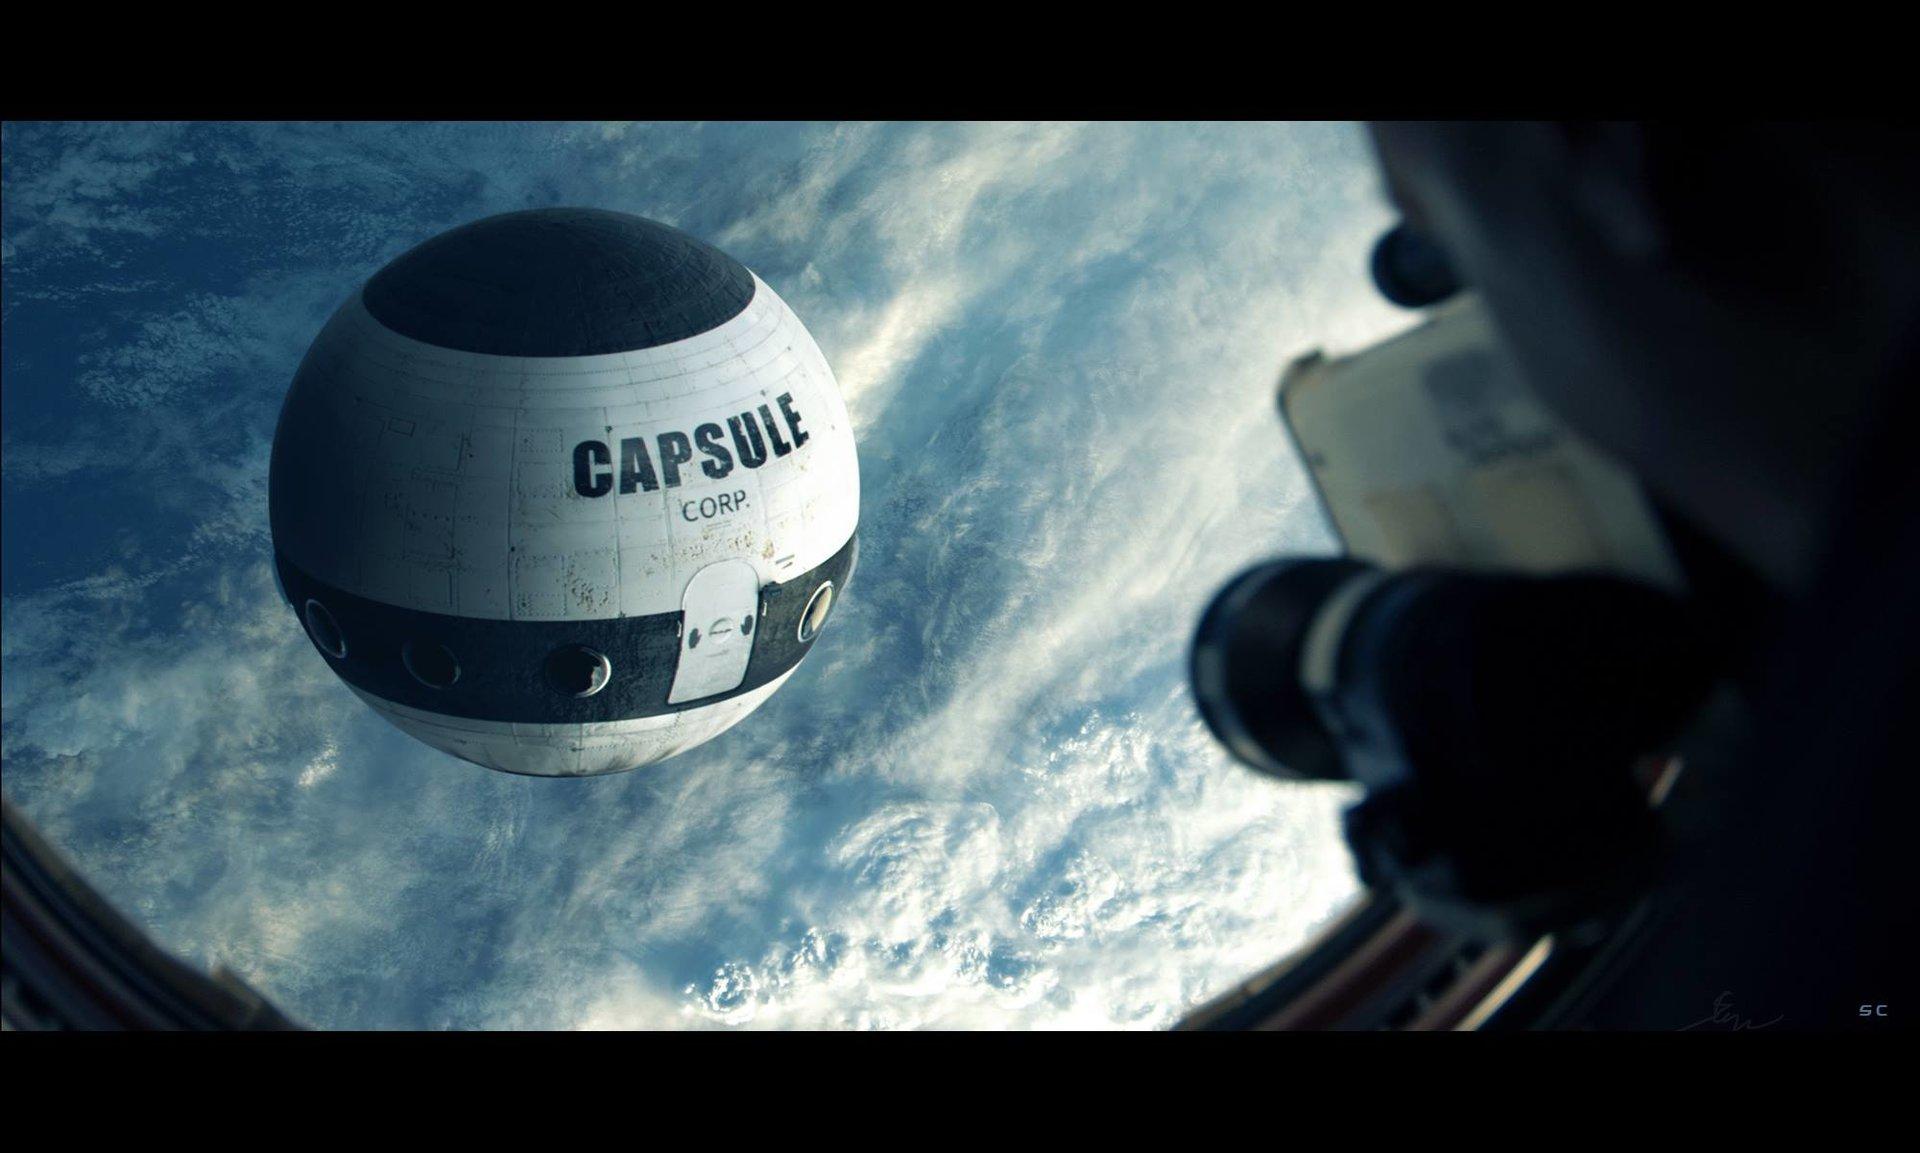 Capsule Corp. Fan Art Dbz